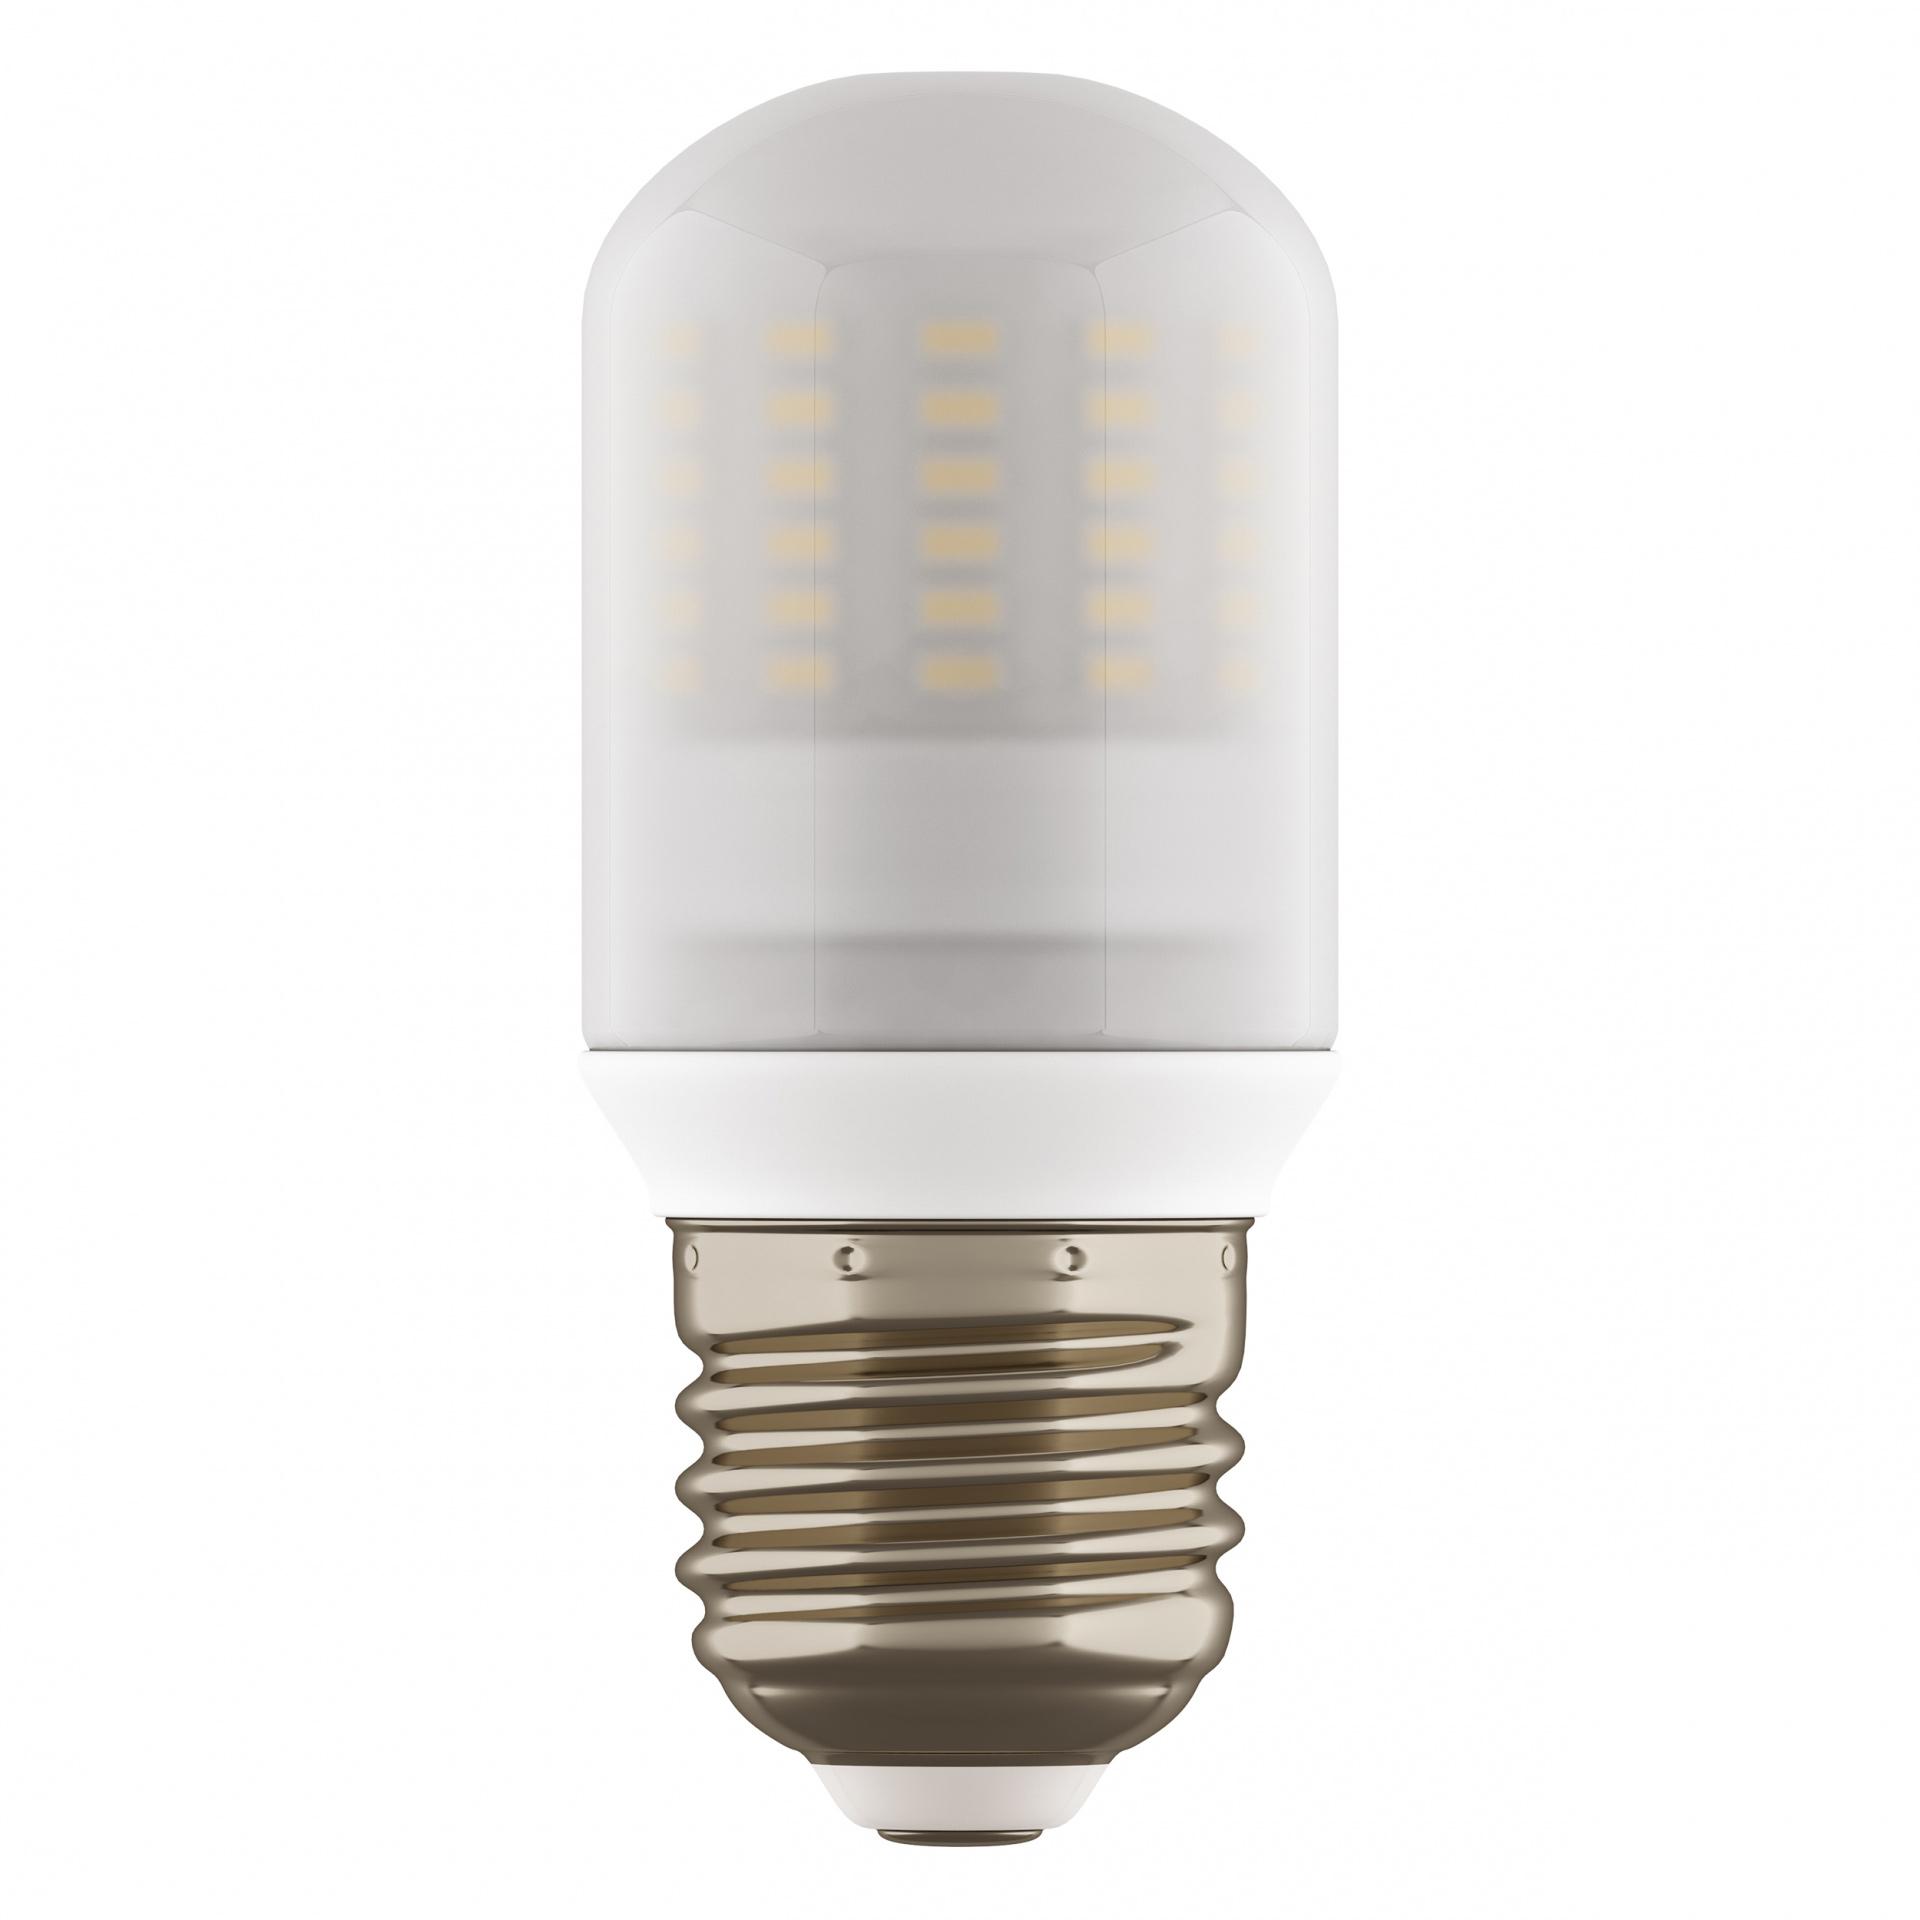 Лампа LED 220V T35 E27 9W=90W 770LM 360G FR 3000K 20000H Lightstar 930912, купить в СПб, Москве, с доставкой, Санкт-Петербург, интернет-магазин люстр и светильников Starlight, фото в жизни